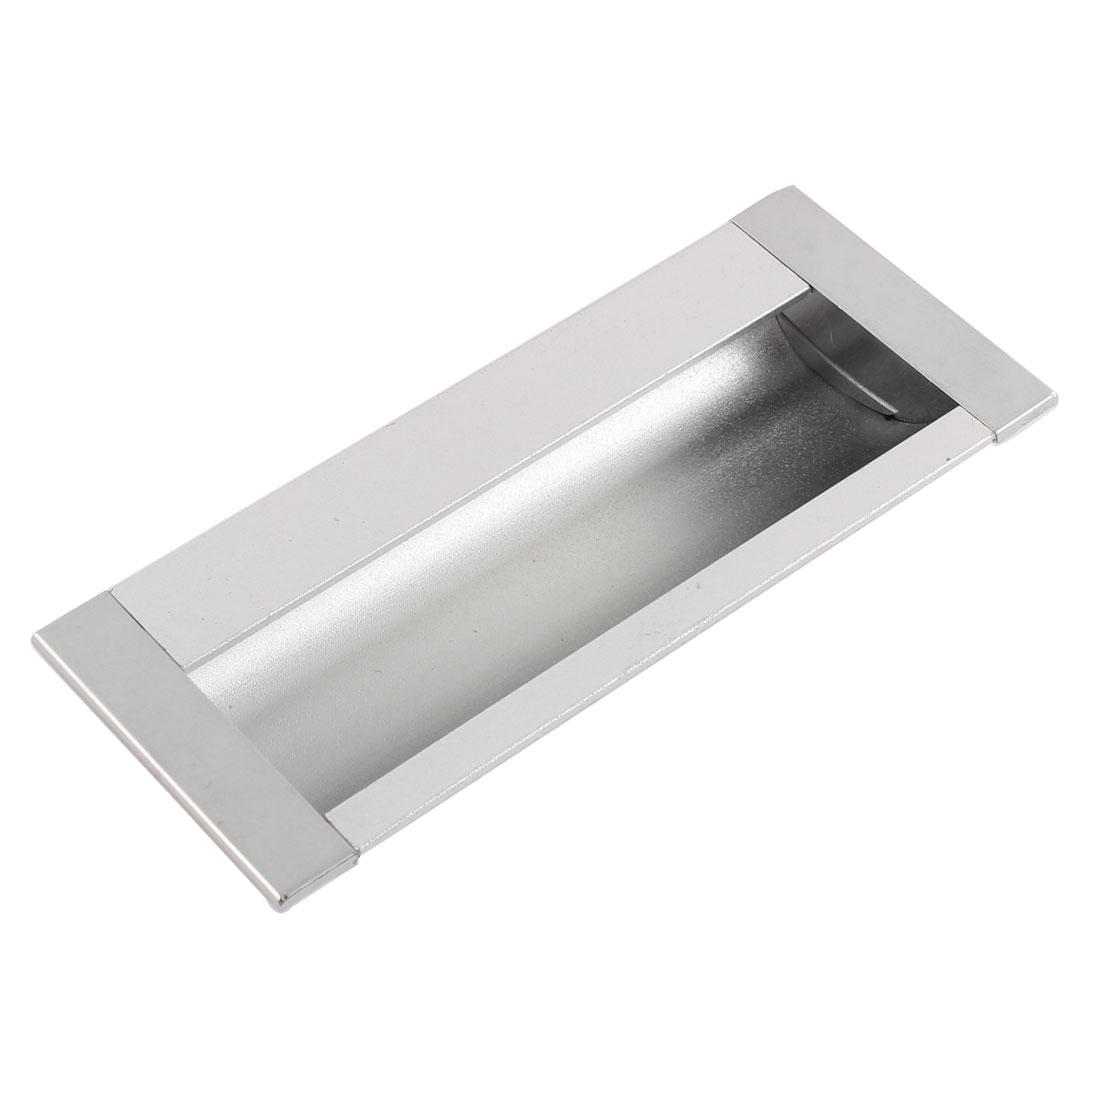 Aluminium Rectangular Cabinet Door Flush Recessed Pull Handle 110mm x 45mm